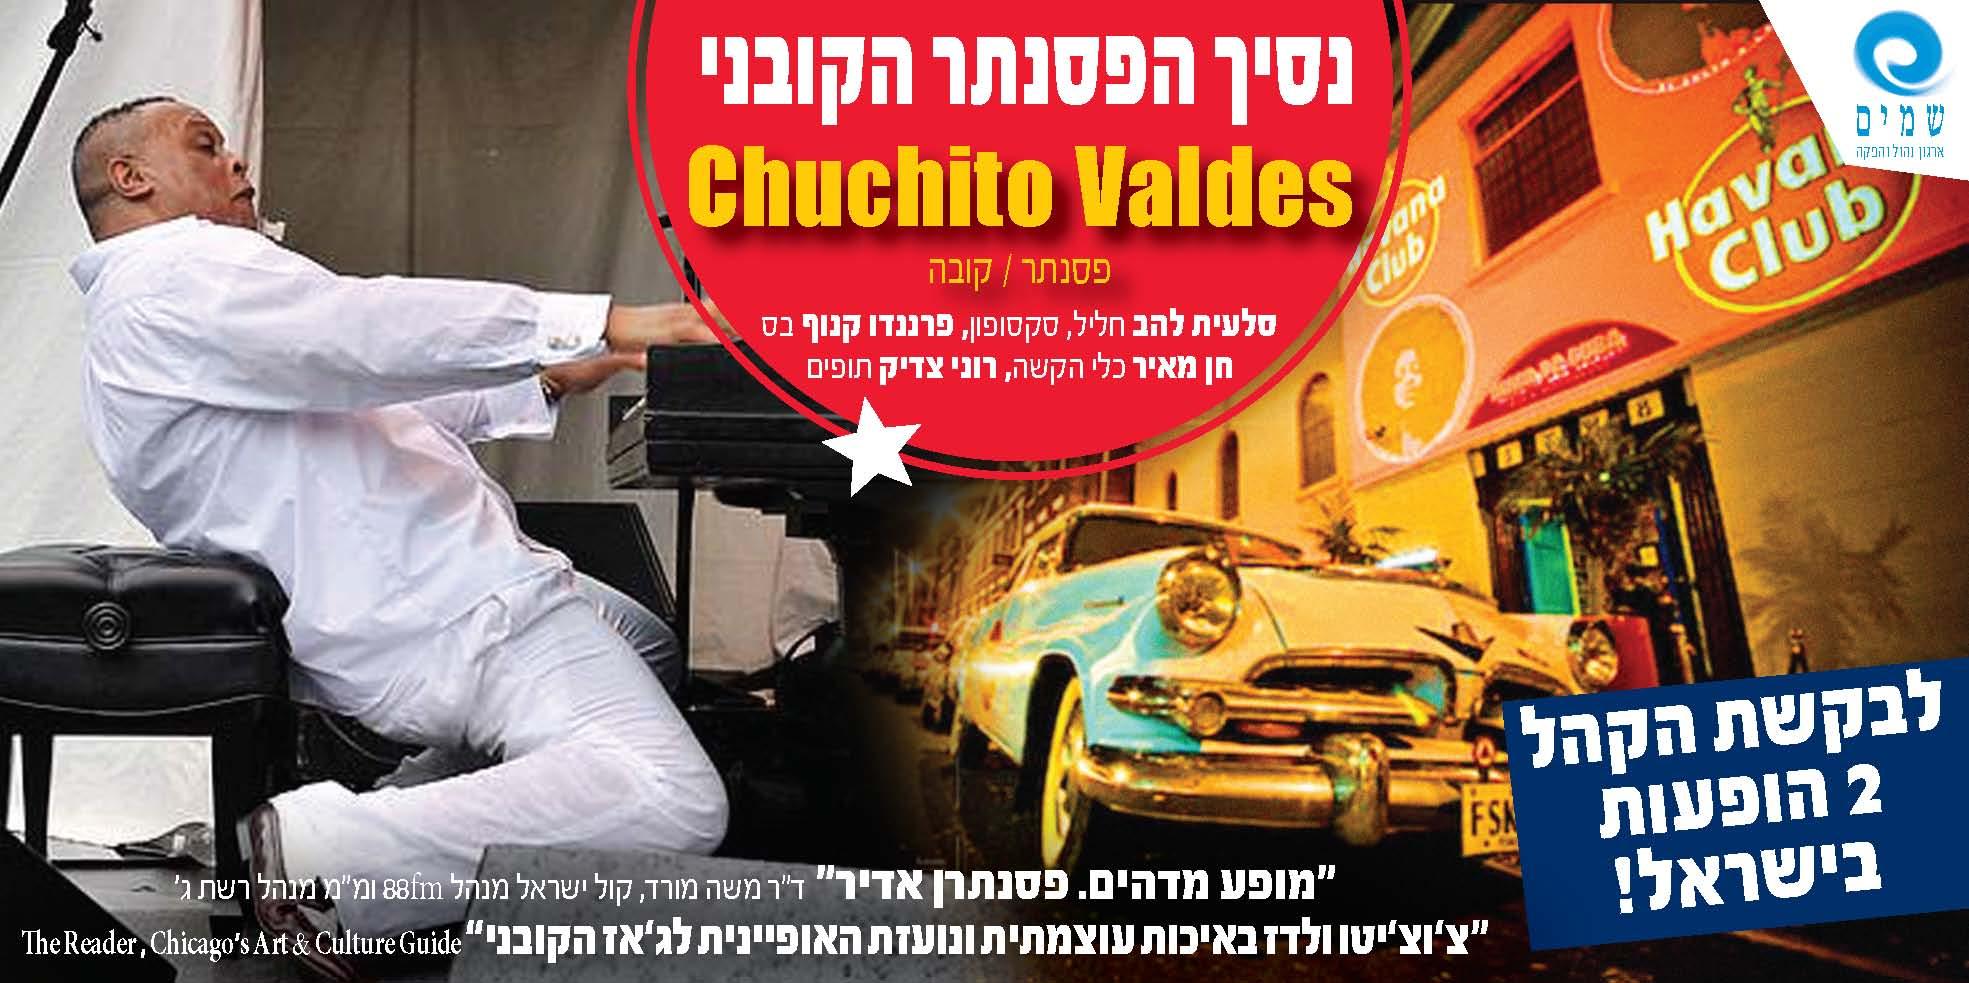 צ'וצ'יטו ולדז: נסיך הפסנתר הקובני חוזר להופעה 2 בישראל